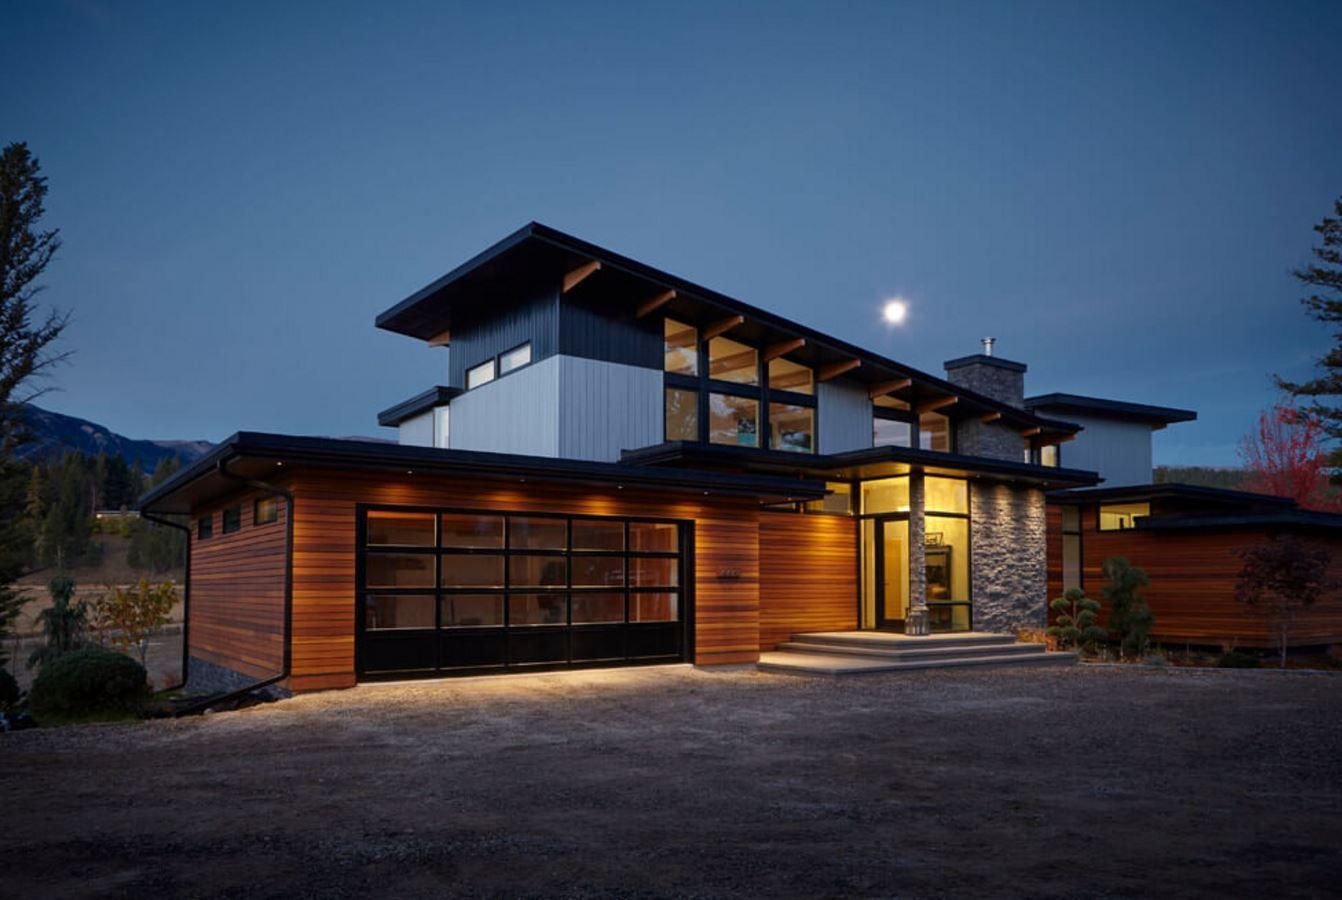 Casa con techo inclinado y estilo rustico casas pinterest techos inclinados rusticas y - Casas con estilo rustico ...